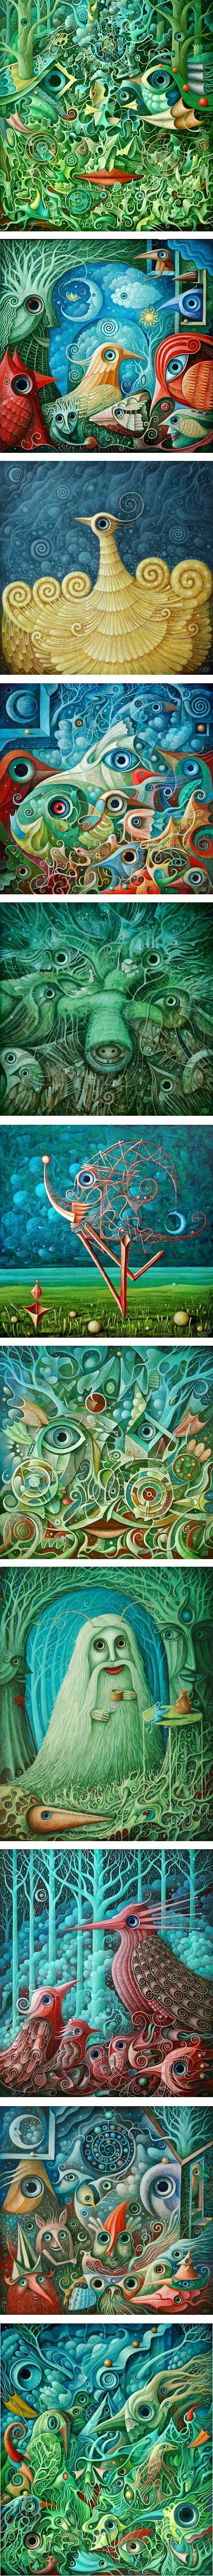 Leszek Kostuj, surreal paintings